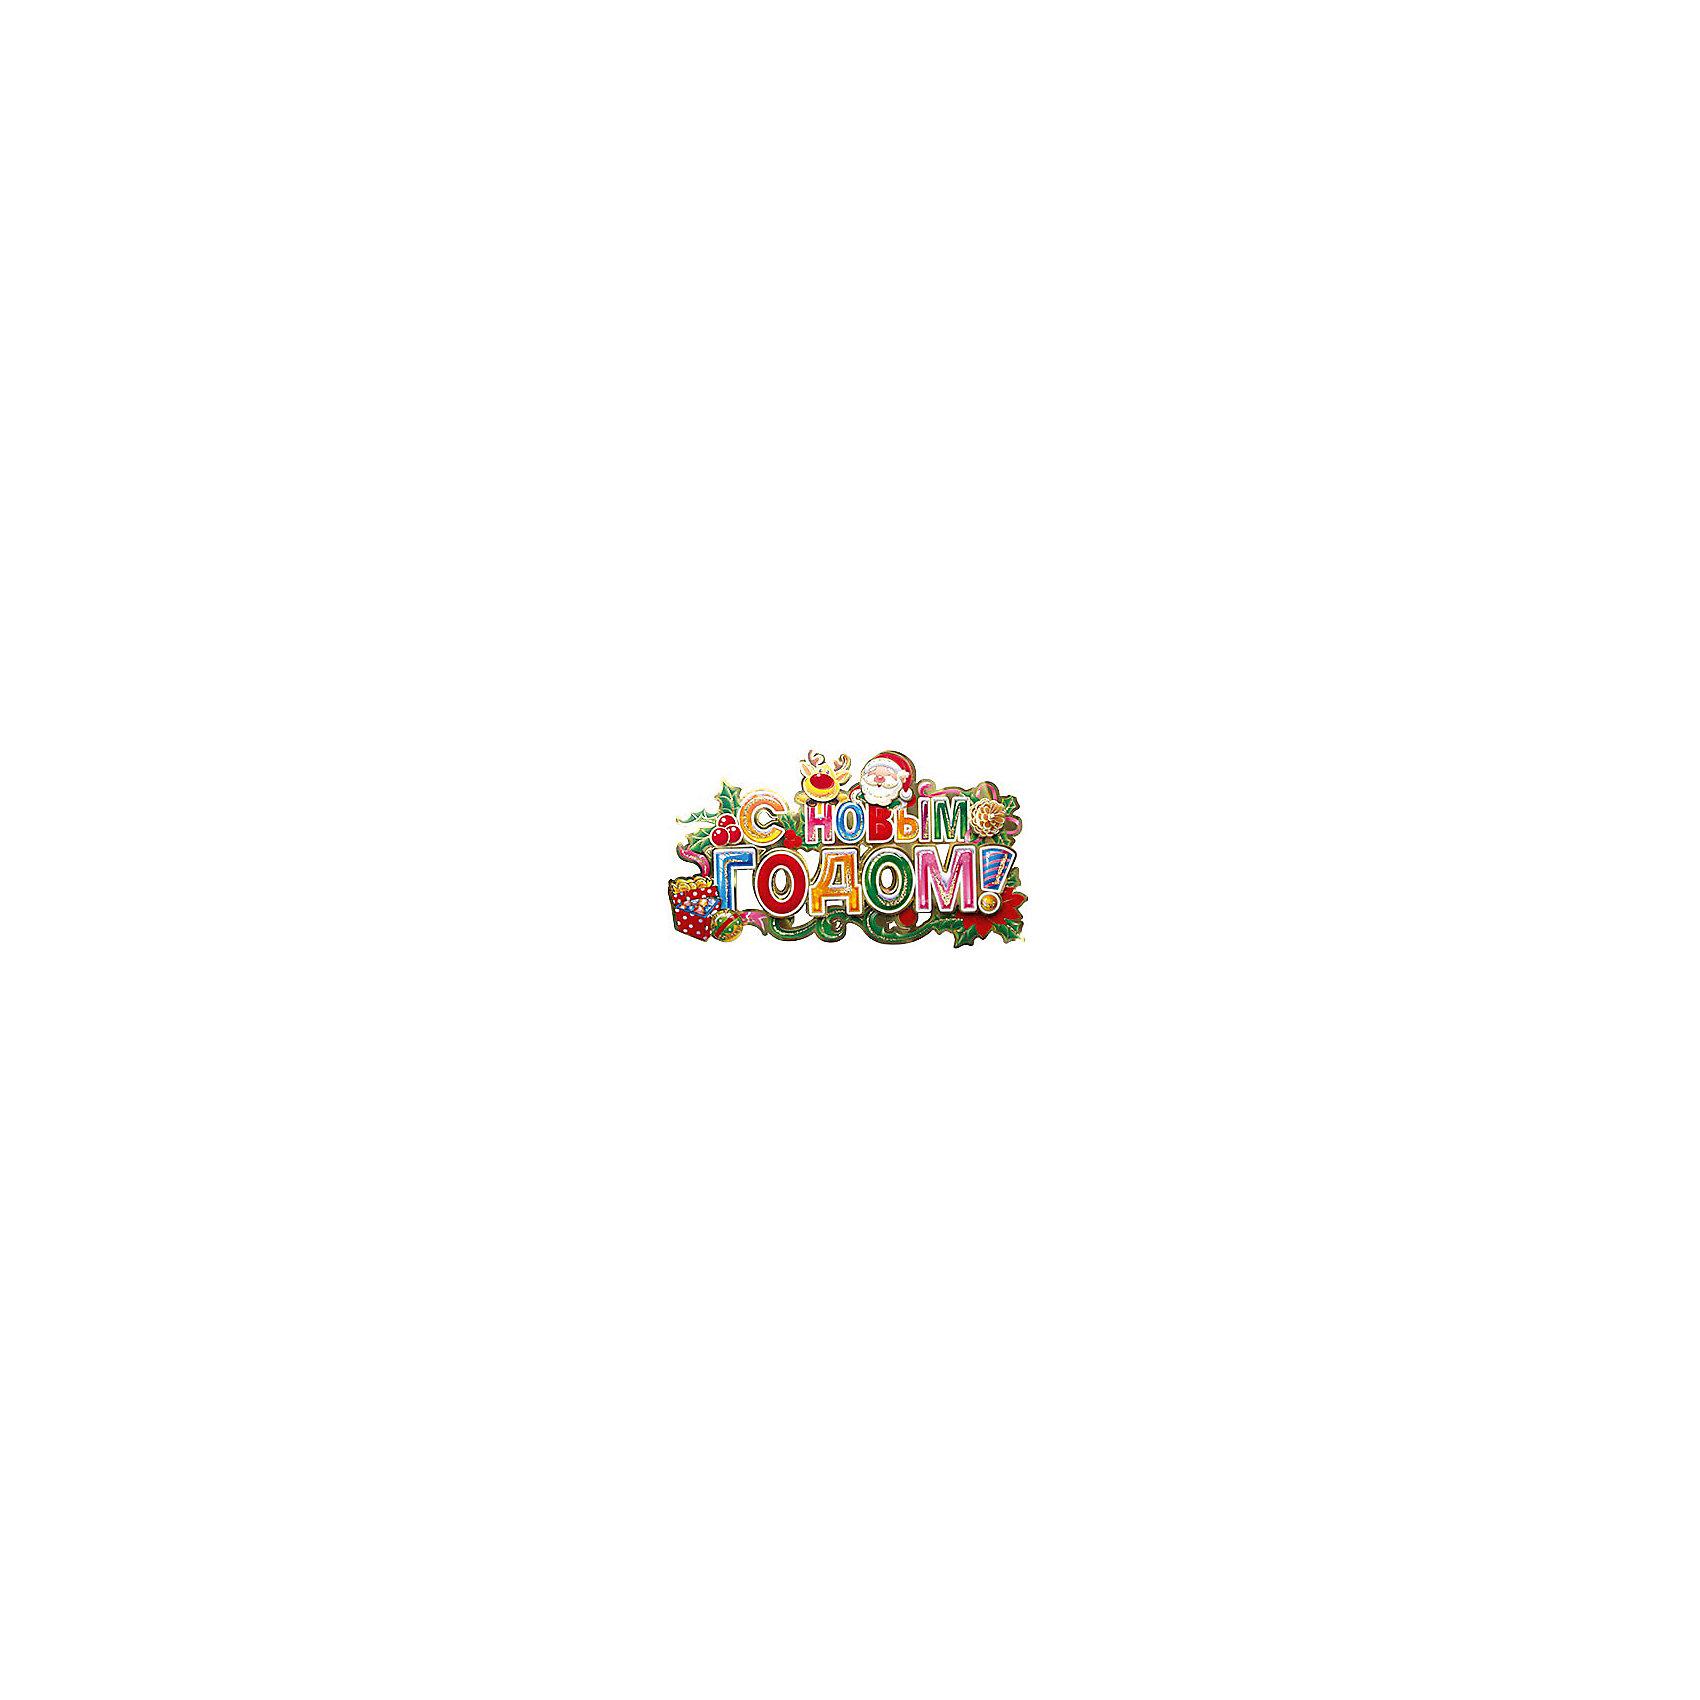 Наклейка С Новым Годом, 3DВсё для праздника<br>Изготовлено из бумаги Наклейка С Новым Годом, 3D<br><br>Ширина мм: 460<br>Глубина мм: 270<br>Высота мм: 10<br>Вес г: 100<br>Возраст от месяцев: 36<br>Возраст до месяцев: 2147483647<br>Пол: Унисекс<br>Возраст: Детский<br>SKU: 5101037